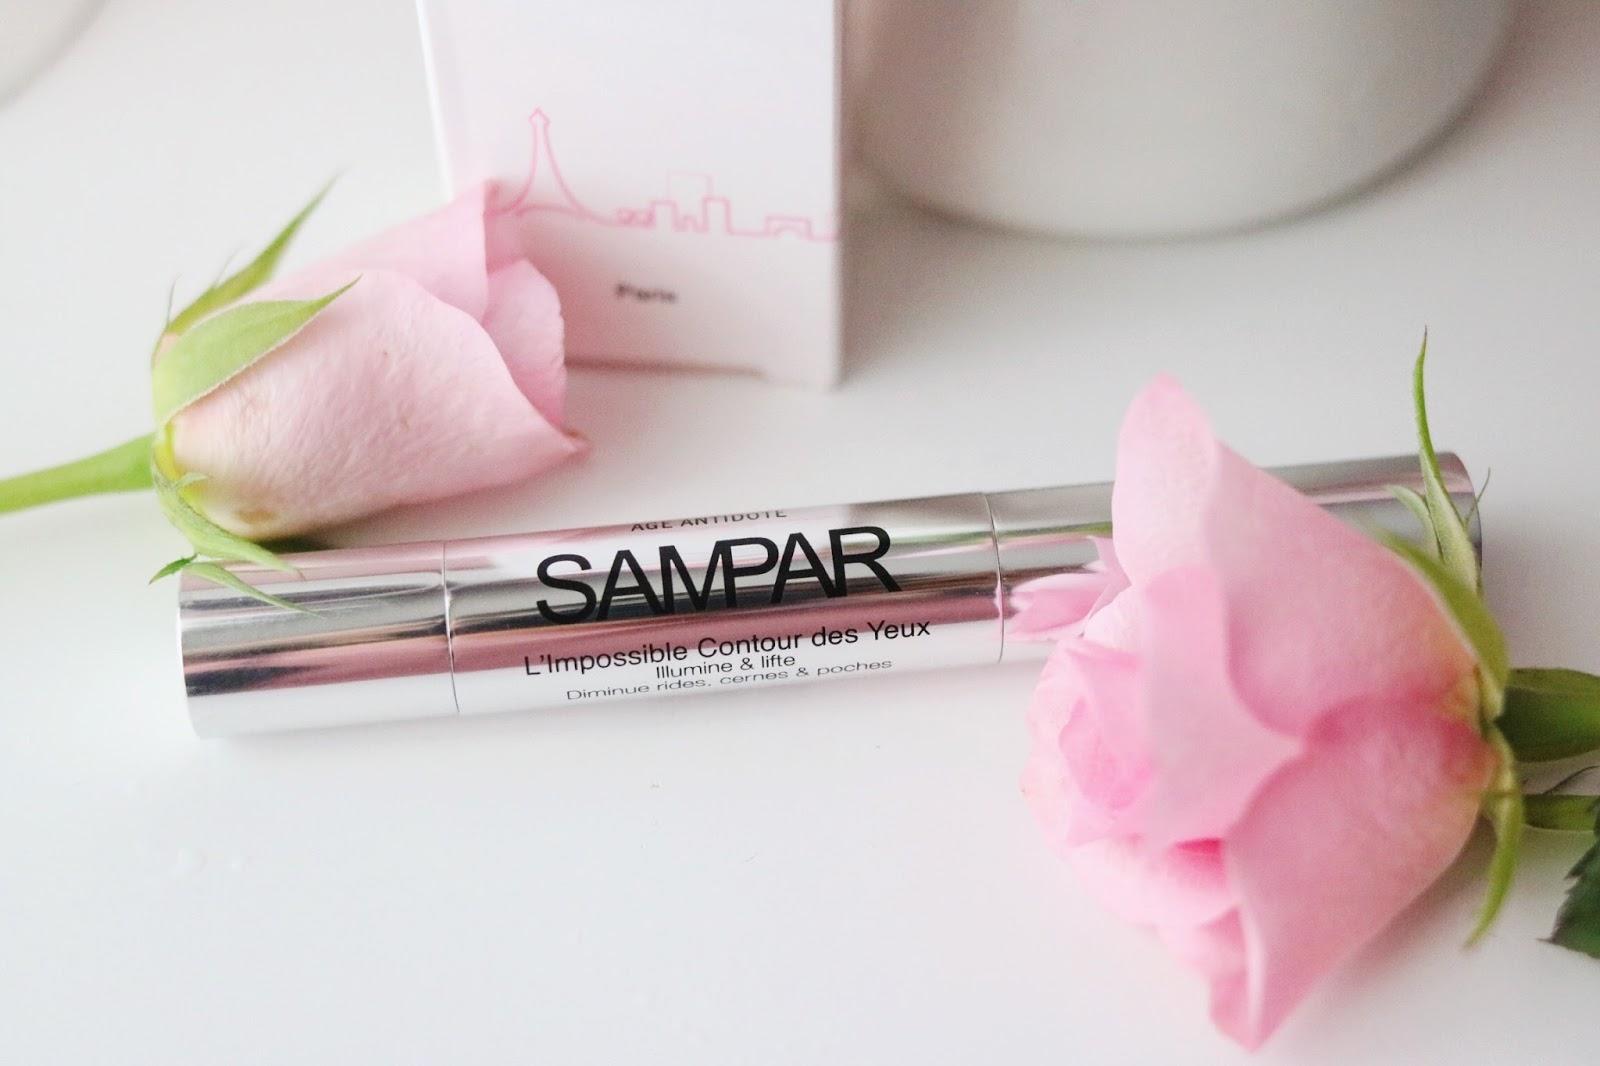 rosemademoiselle , rose mademoiselle , SAMPAR PARIS, LA CREME DE SOURCE DE JOUR , IMPOSSIBLE CONTOURS DES YEUX, revue , avis, paris , blog beauté